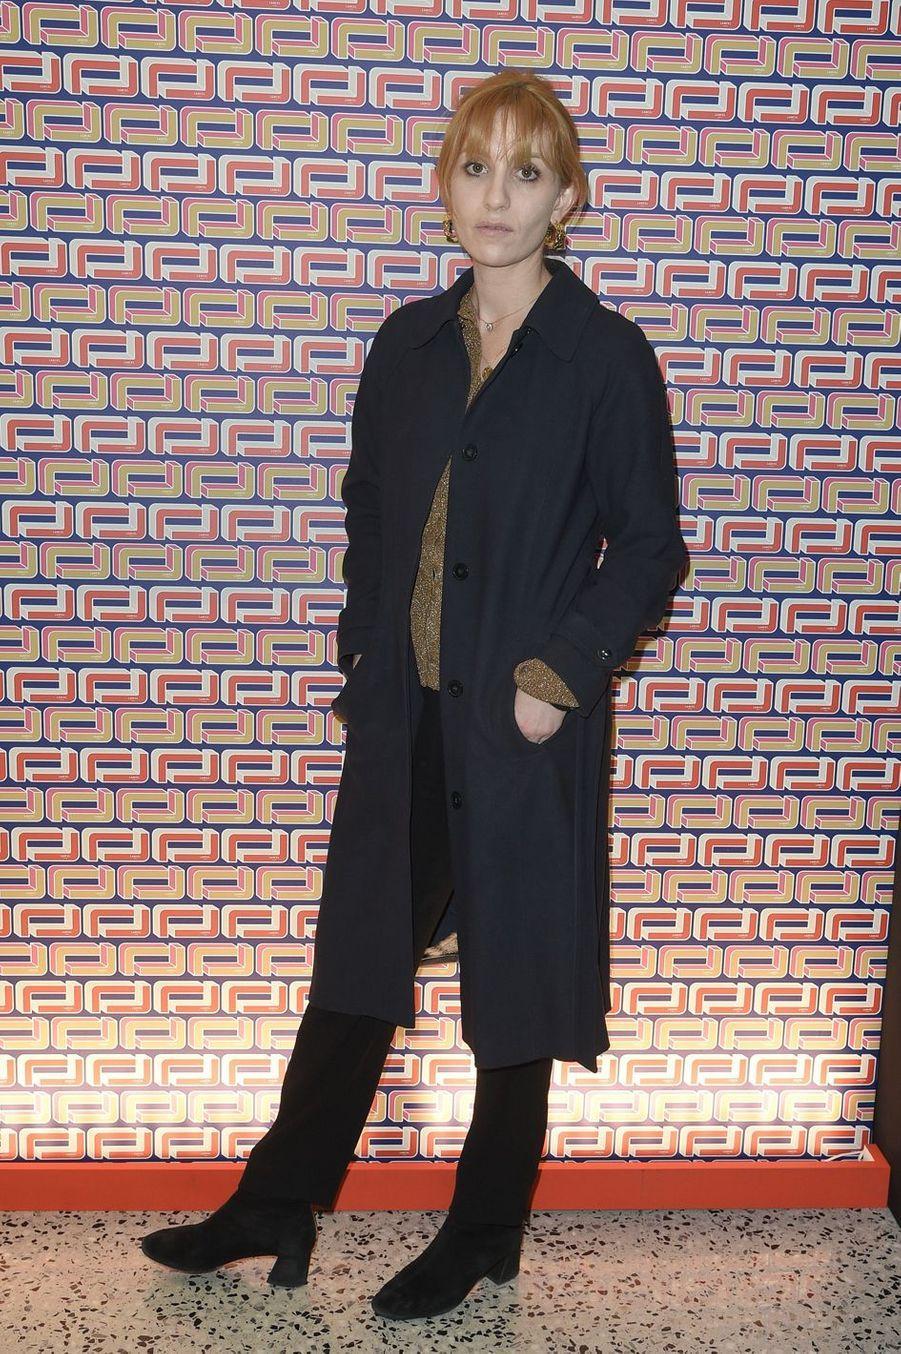 Lolita Chammahà la présentation Lancel lors de la Fashion Week de Paris le 27 février 2019